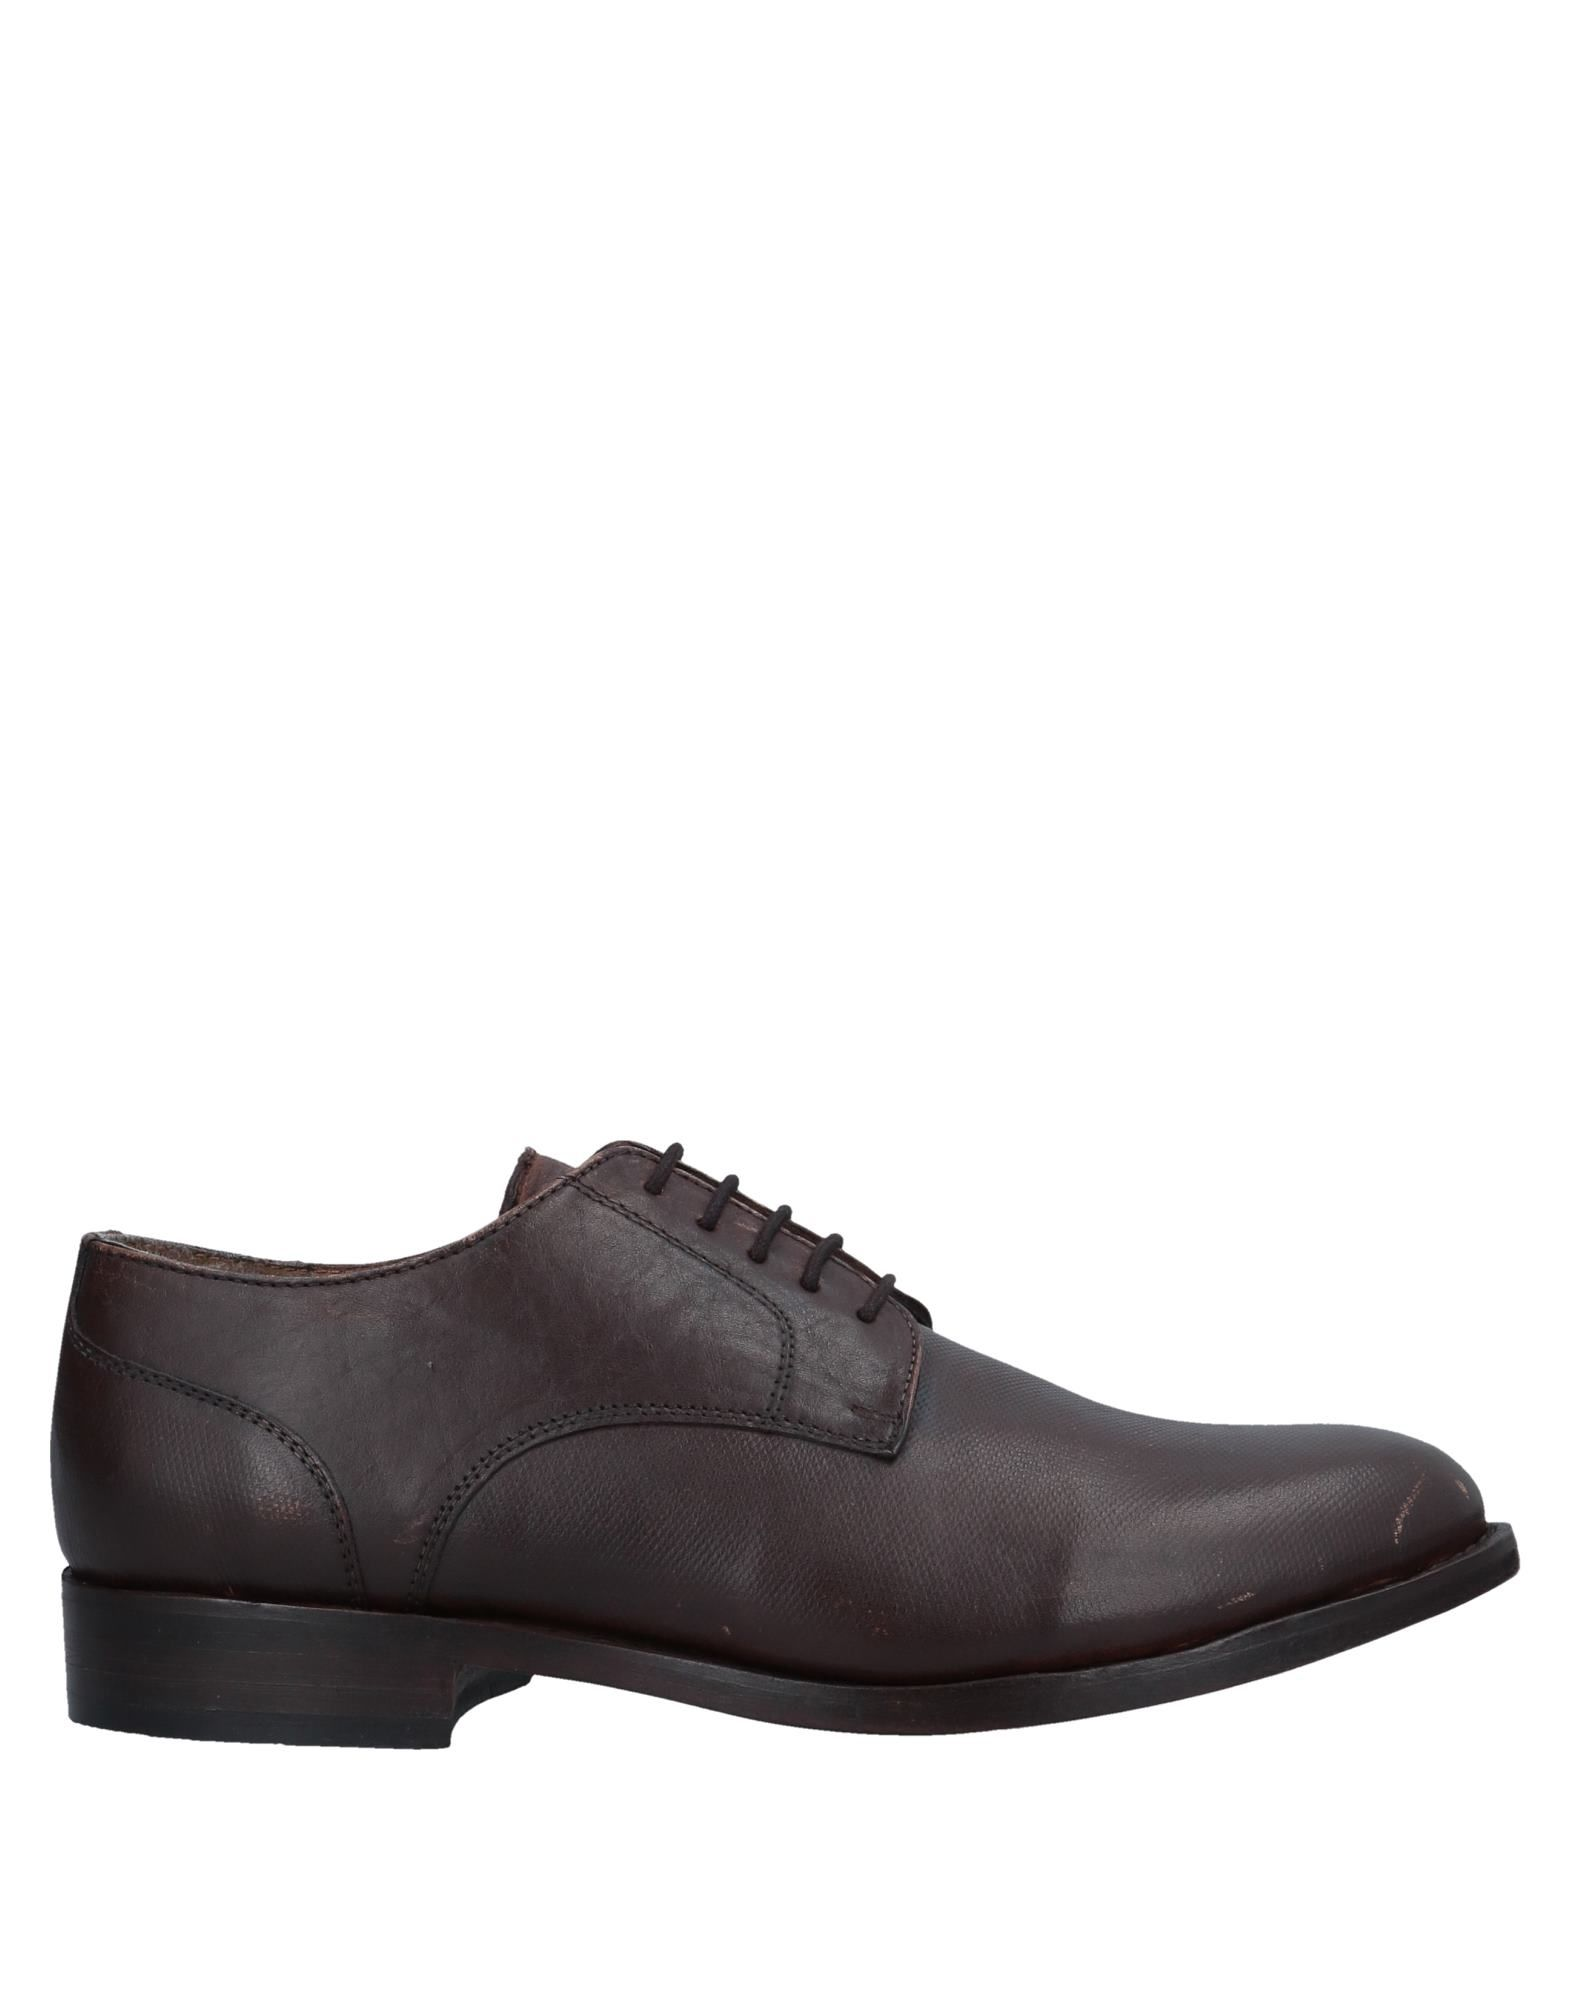 Rabatt echte Schuhe Harrykson® Schnürschuhe Herren  11552774HI